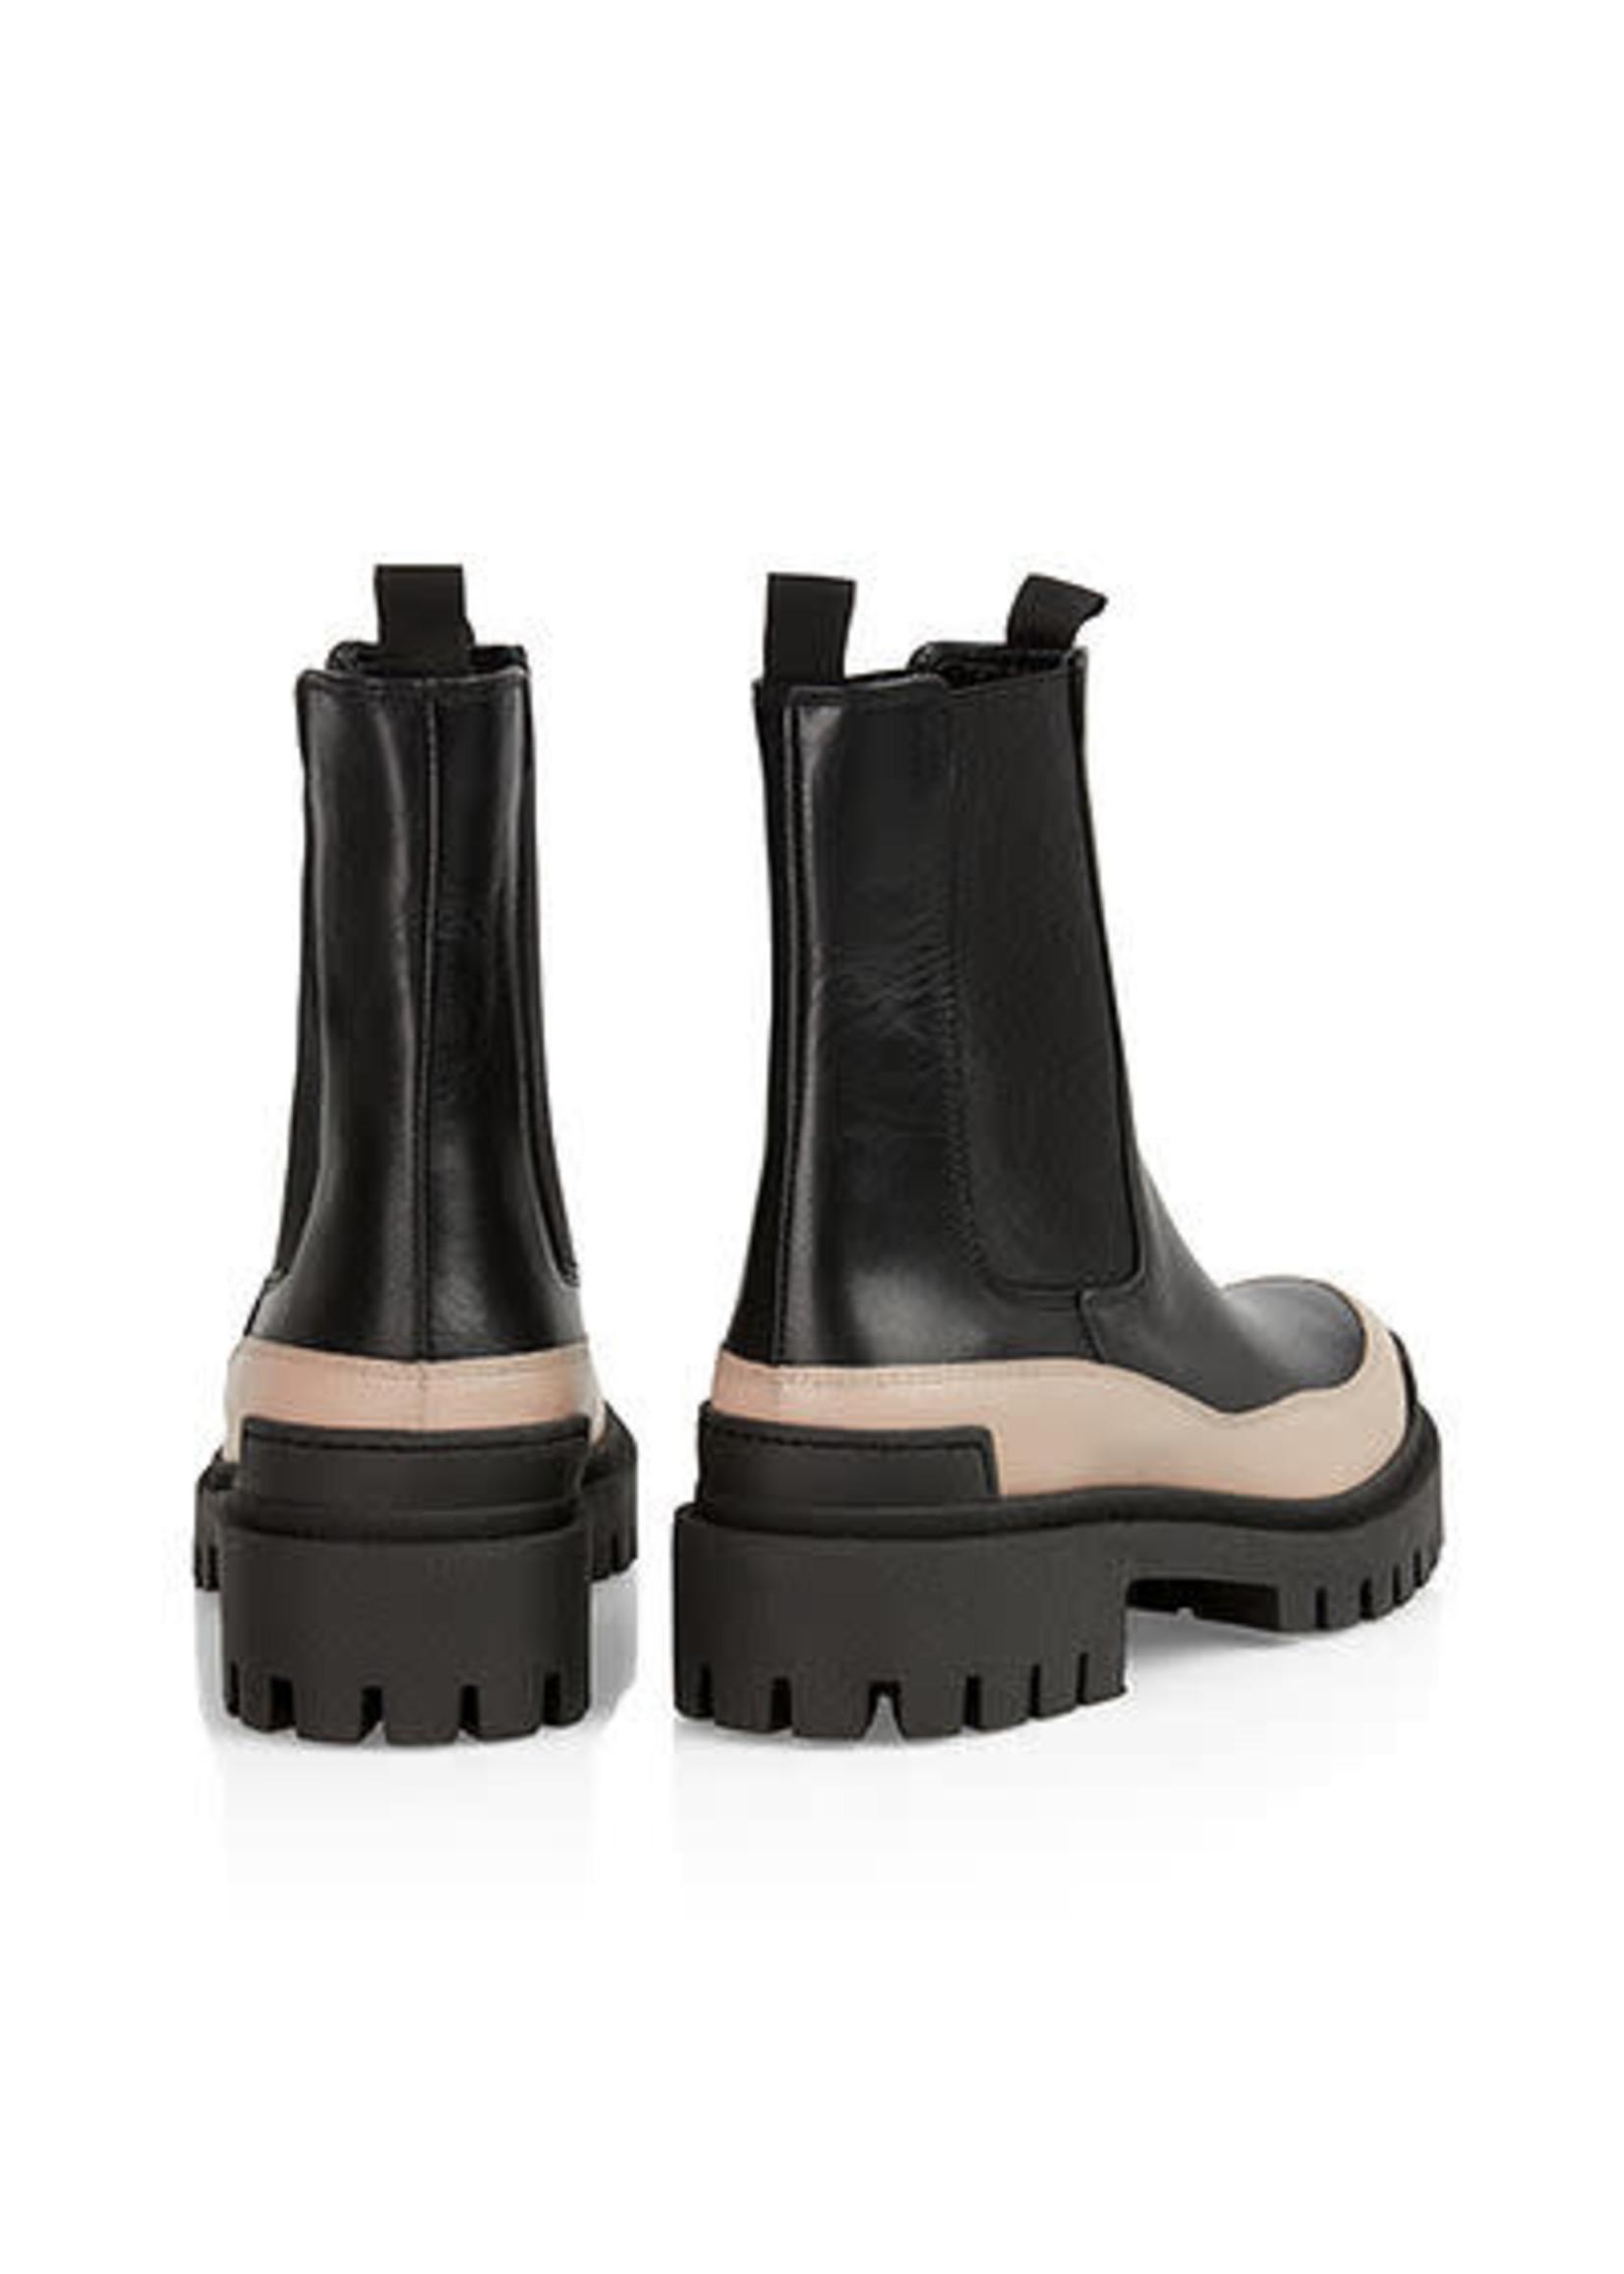 Marccain Bags & Shoes Enkel Laars RB SB.21 L13 black and beige